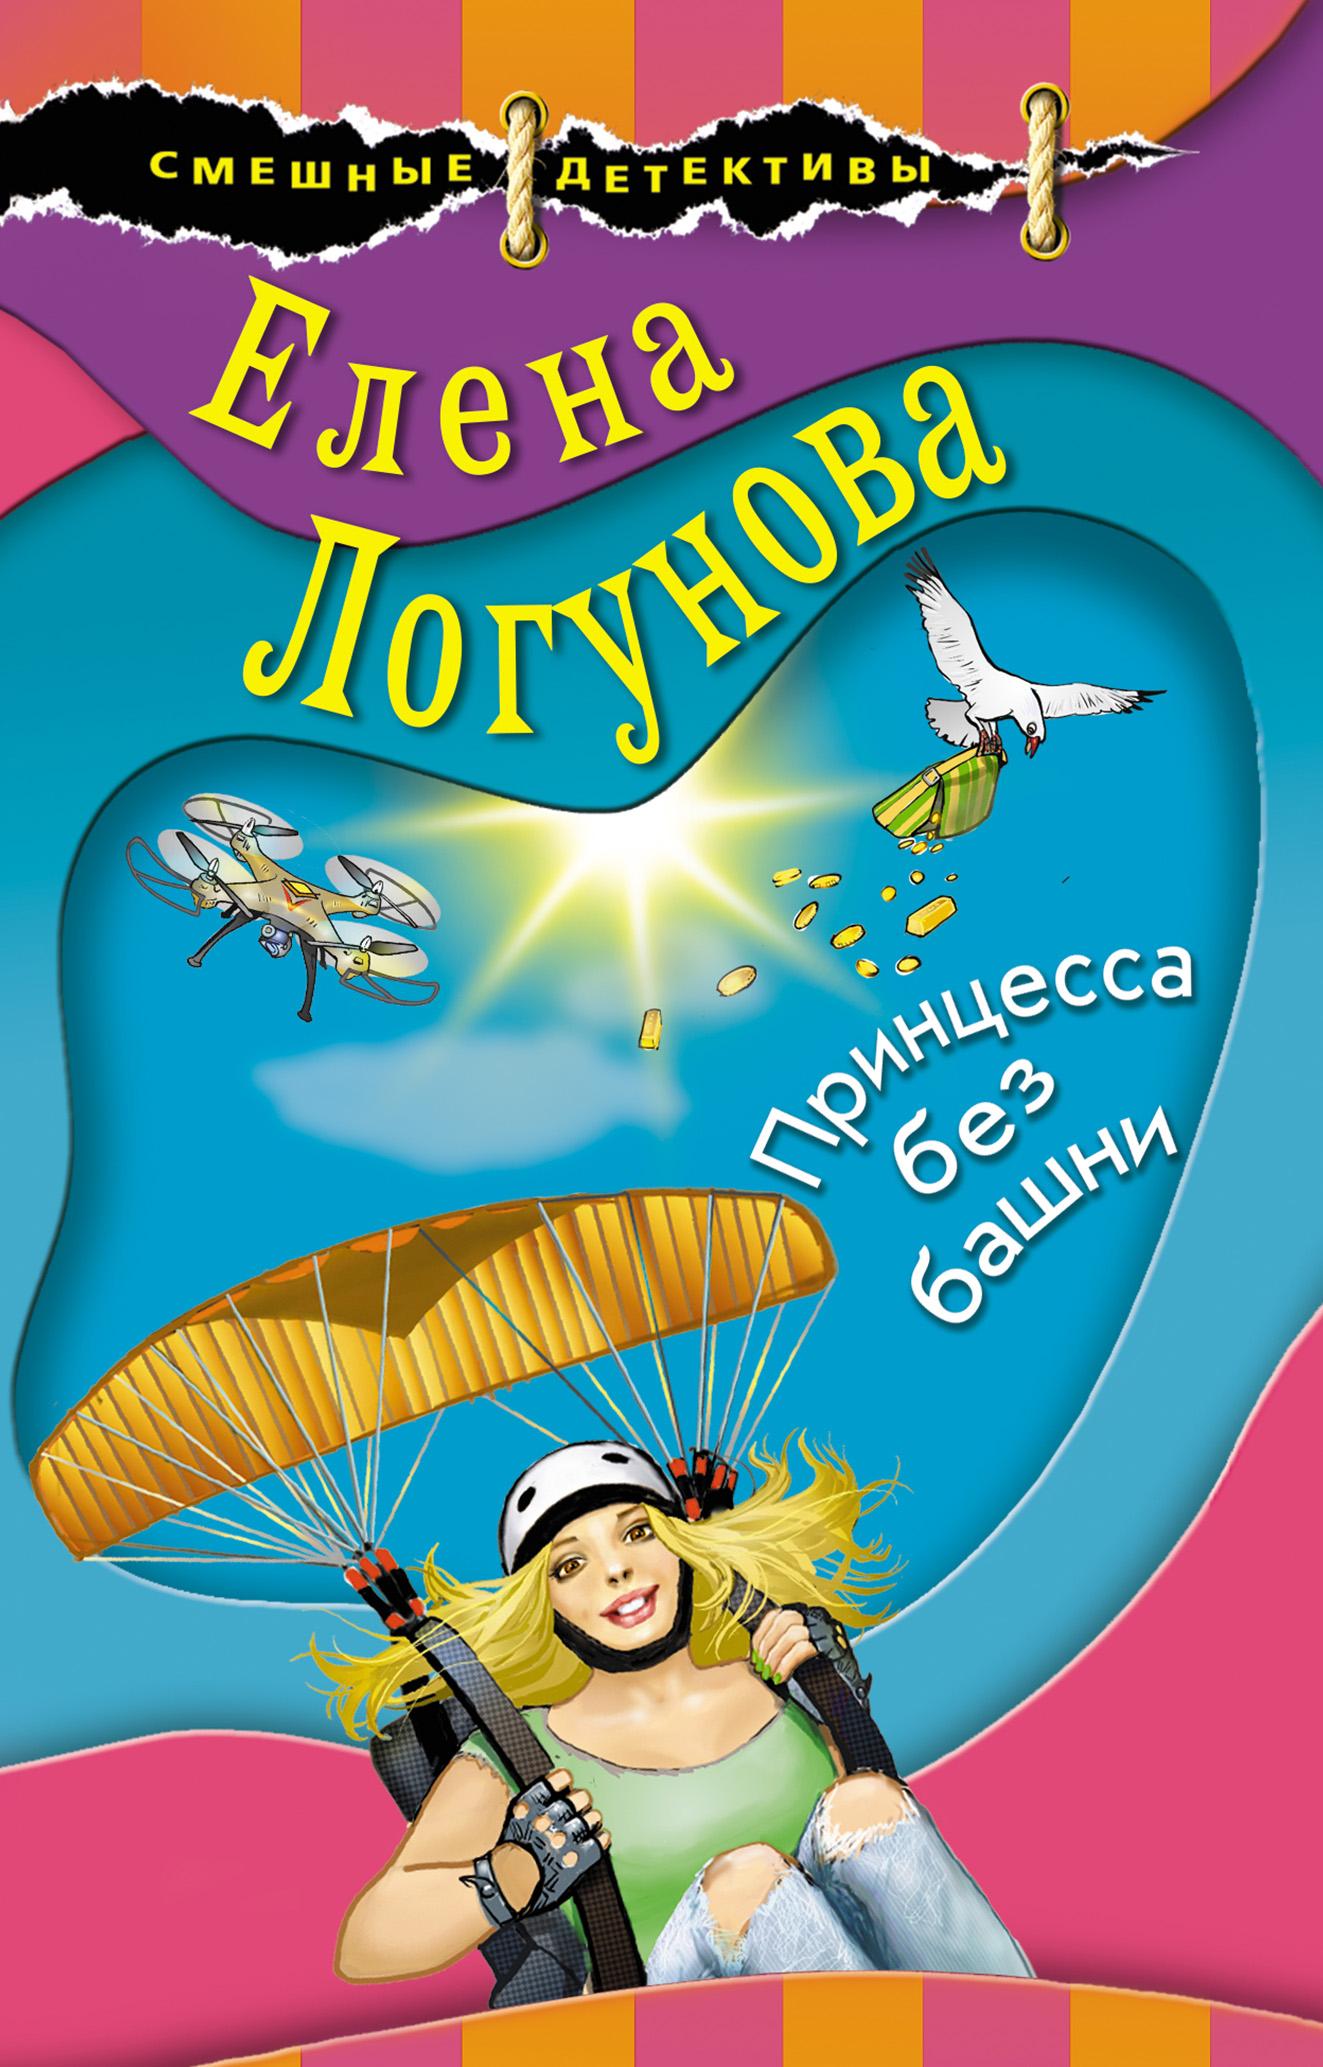 Купить книгу Принцесса без башни, автора Елены Логуновой